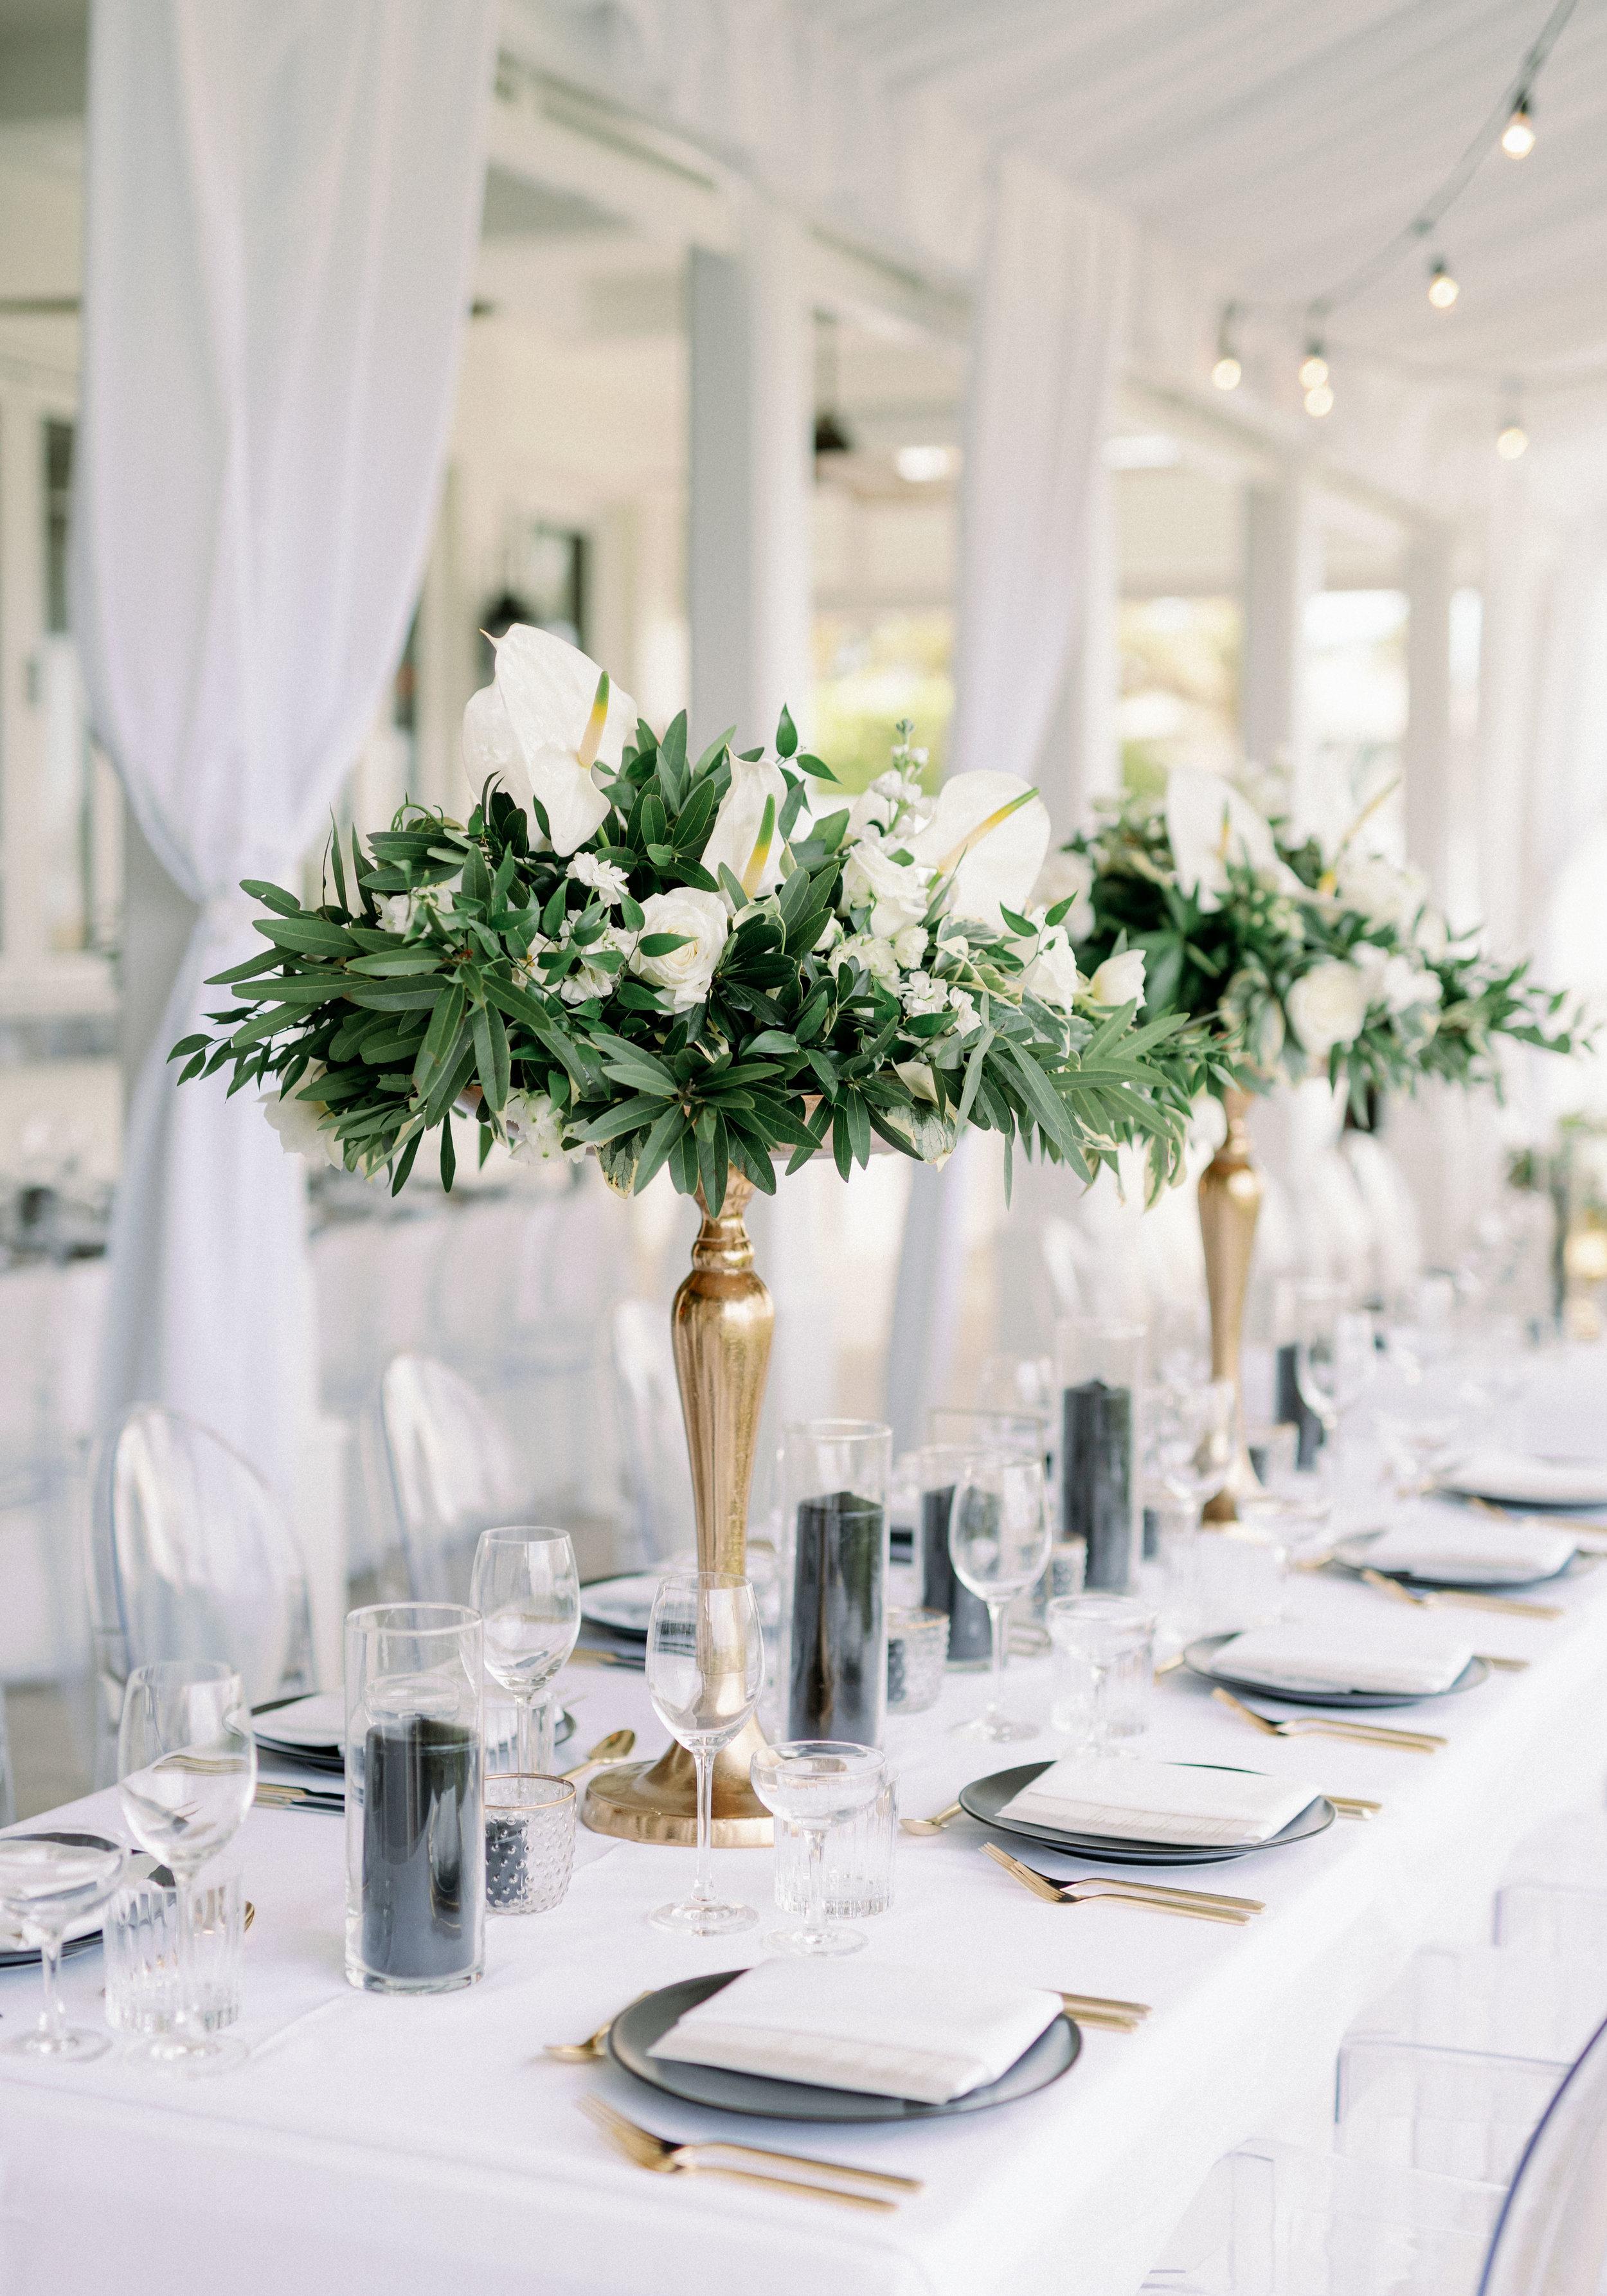 ourwedding308825.jpg